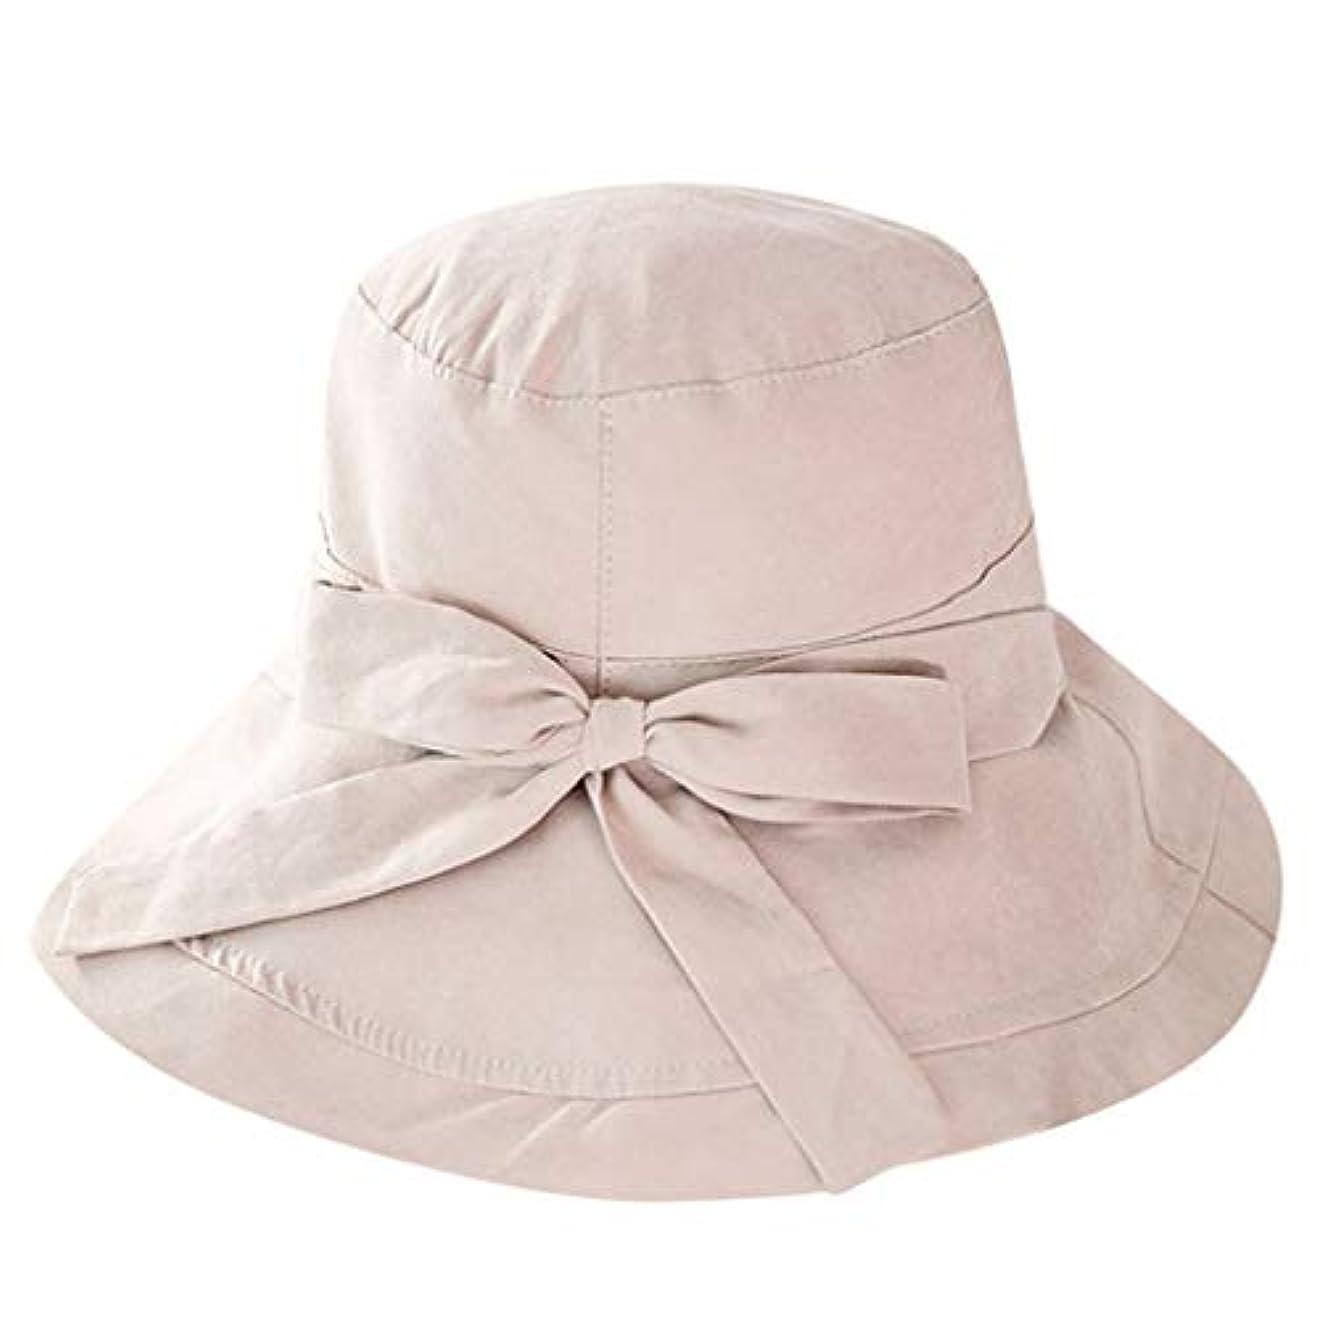 ほんの一見保育園帽子 レディース 夏 綿 つば広い おしゃれ シンプル カジュアル UVカット 帽子 ハット レディース おしゃれ 可愛い 夏 小顔効果 折りたたみ サイズ調節可 蝶結び 森ガール オールシーズン ROSE ROMAN